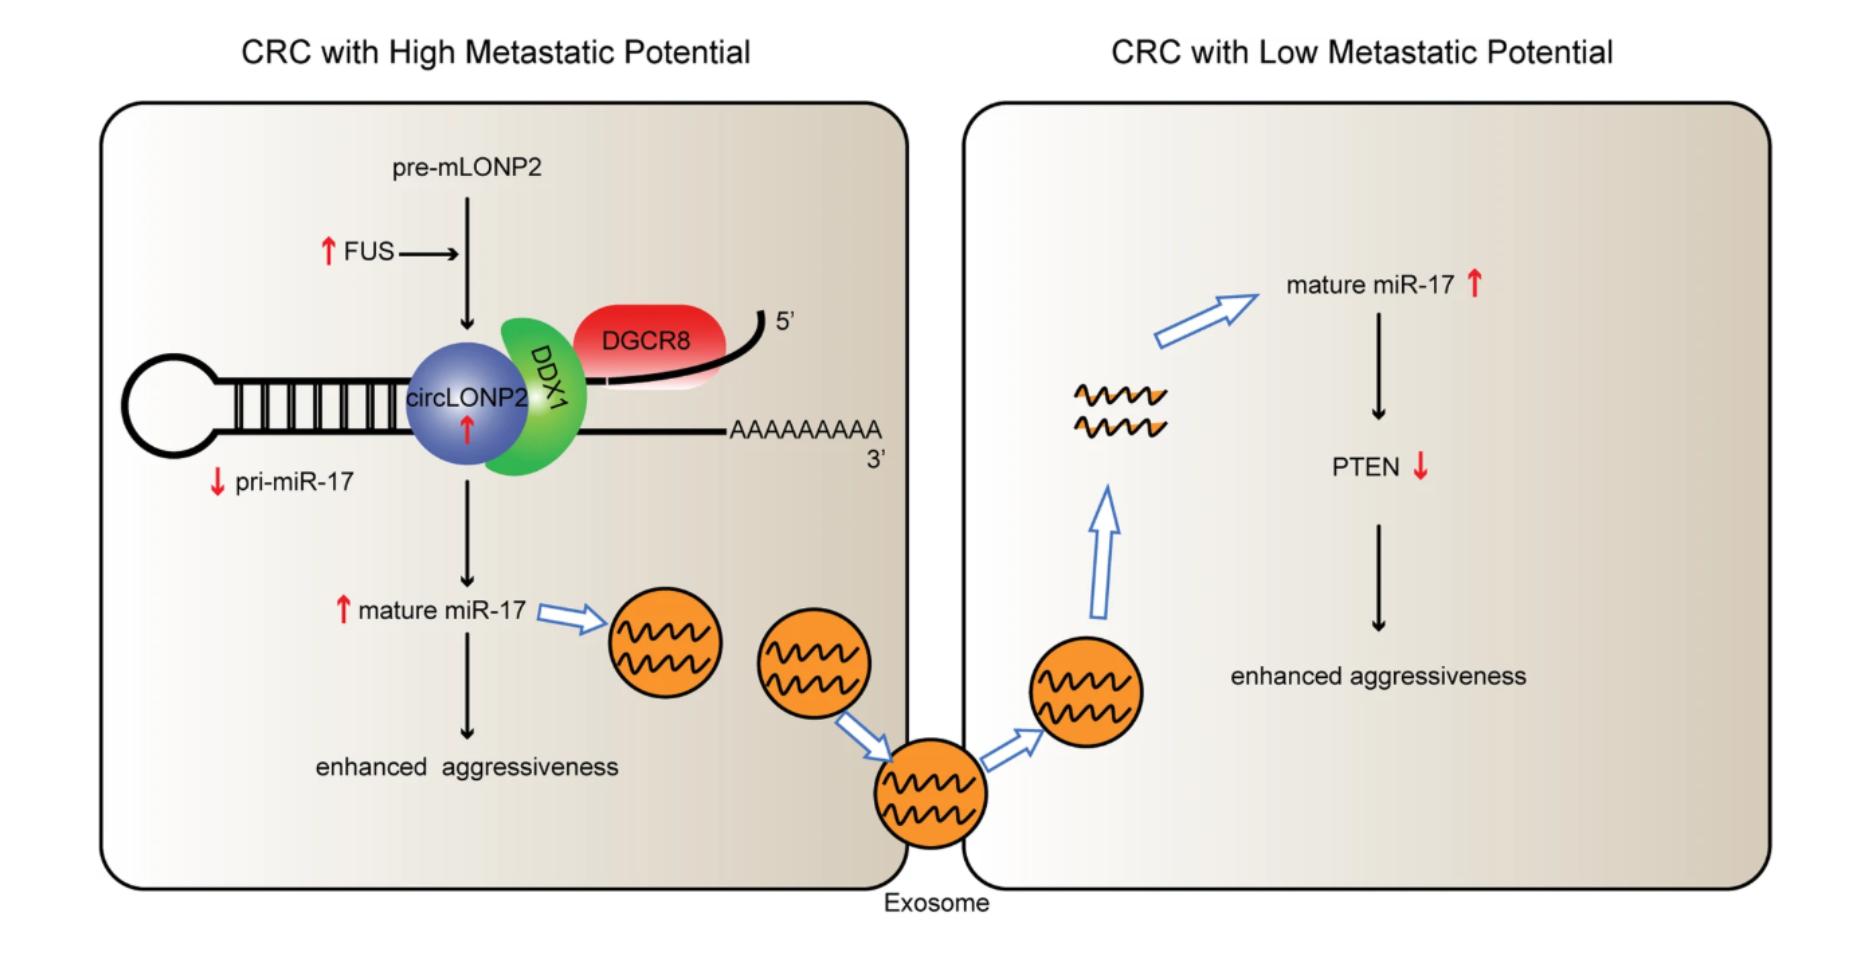 中山大学:circLONP2通过调节miRNA-17的成熟并经外泌体扩散来帮助结直肠癌转移